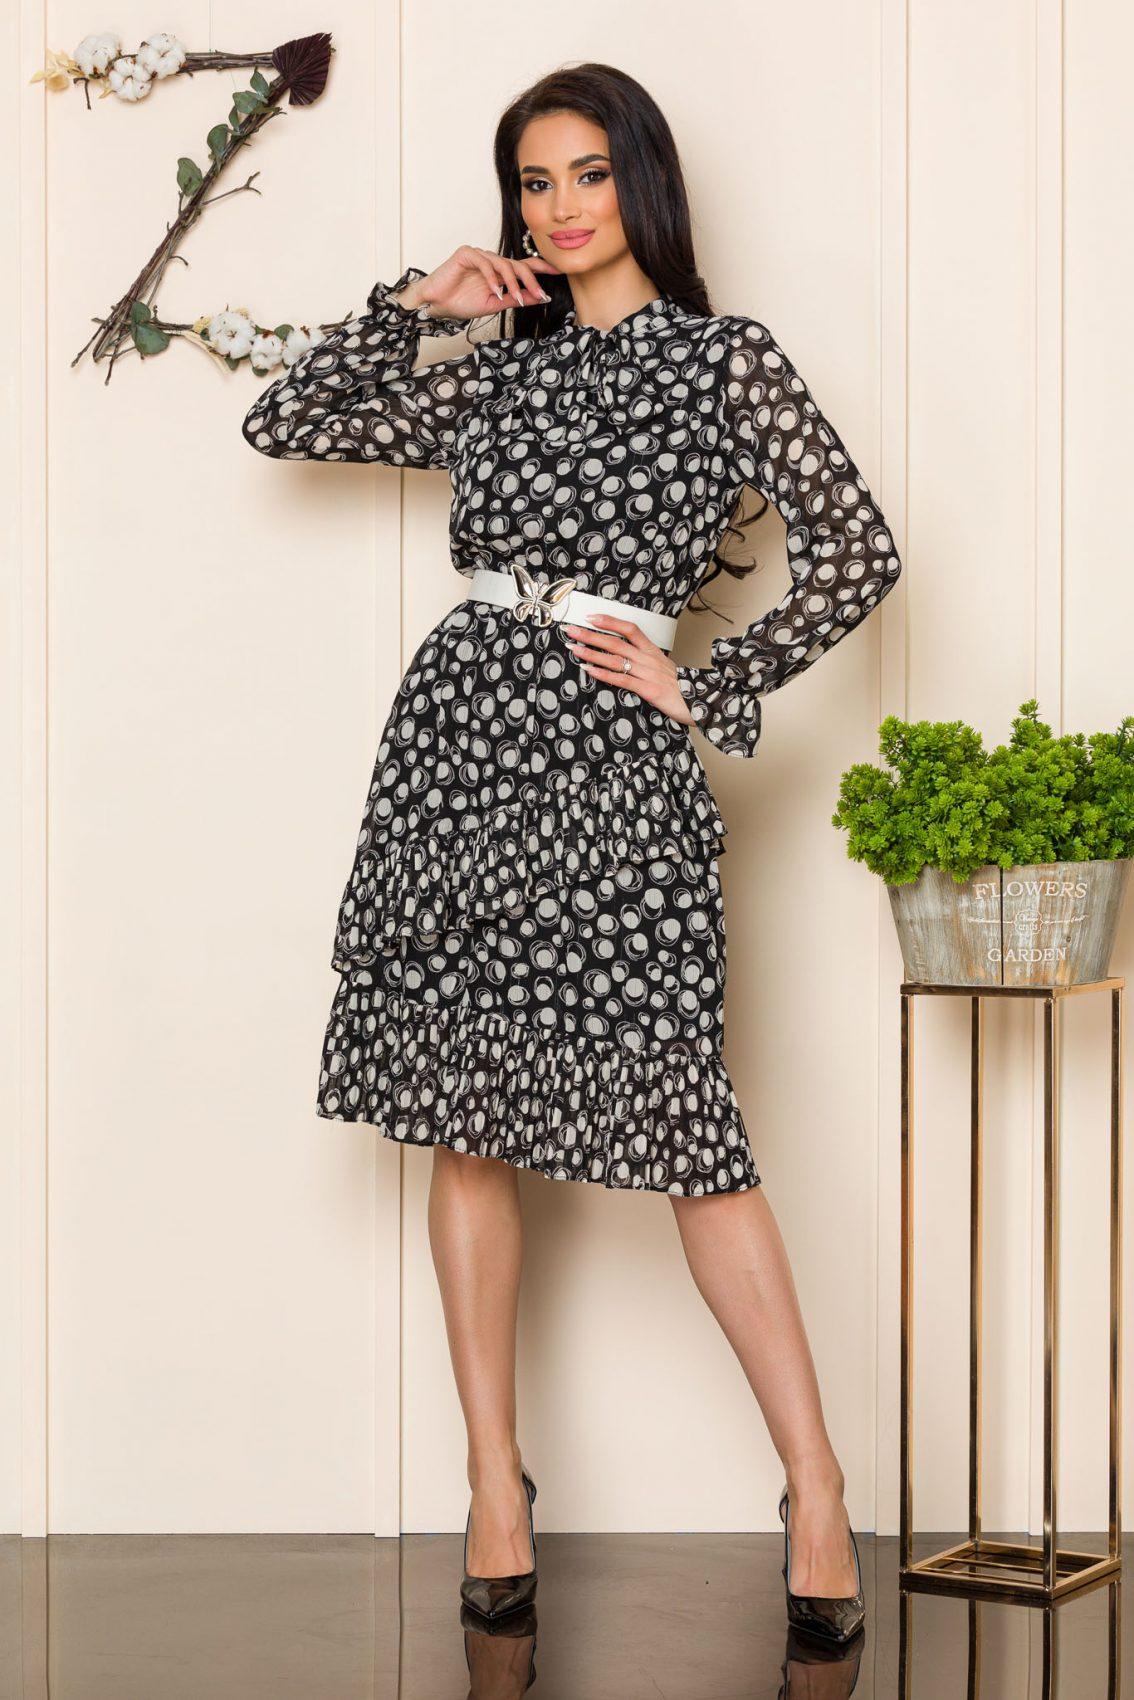 Ασπρόμαυρο Μακρυμάνικο Φόρεμα Alexa 9855 1